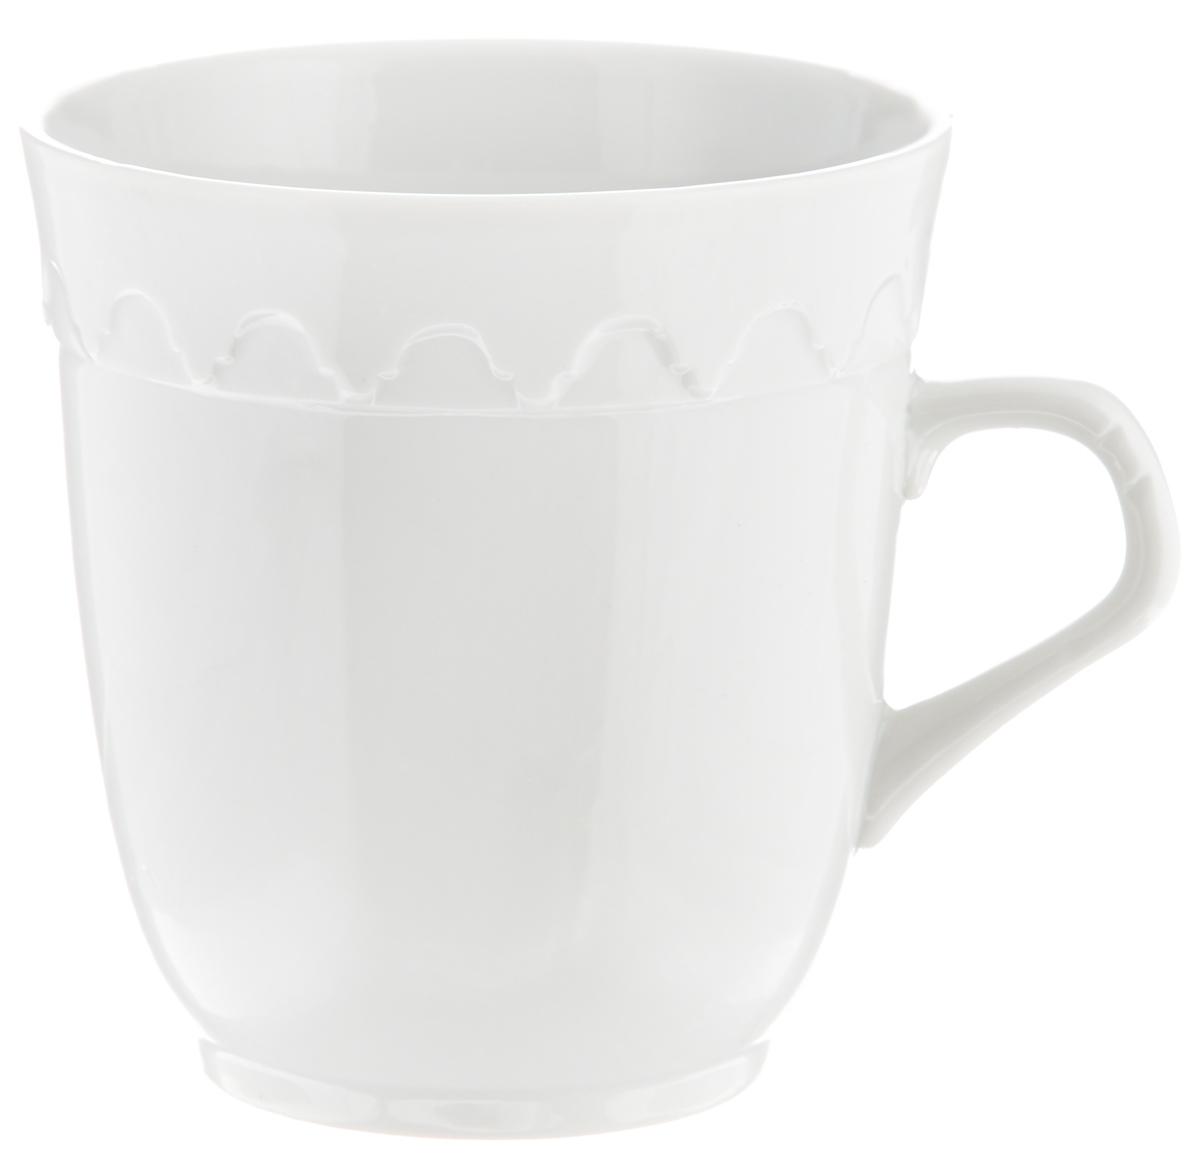 Кружка Фарфор Вербилок Арабеска, 250 мл2432000БКрасивая кружка Фарфор Вербилок Арабеска способна скрасить любое чаепитие. Изделие выполнено из высококачественного фарфора и украшено рельефом. Посуда из такого материала позволяет сохранить истинный вкус напитка, а также помогает ему дольше оставаться теплым. Объем кружки: 250 мл. Диаметр по верхнему краю: 8,5 см. Диаметр основания: 5,5 см. Высота кружки: 9 см.